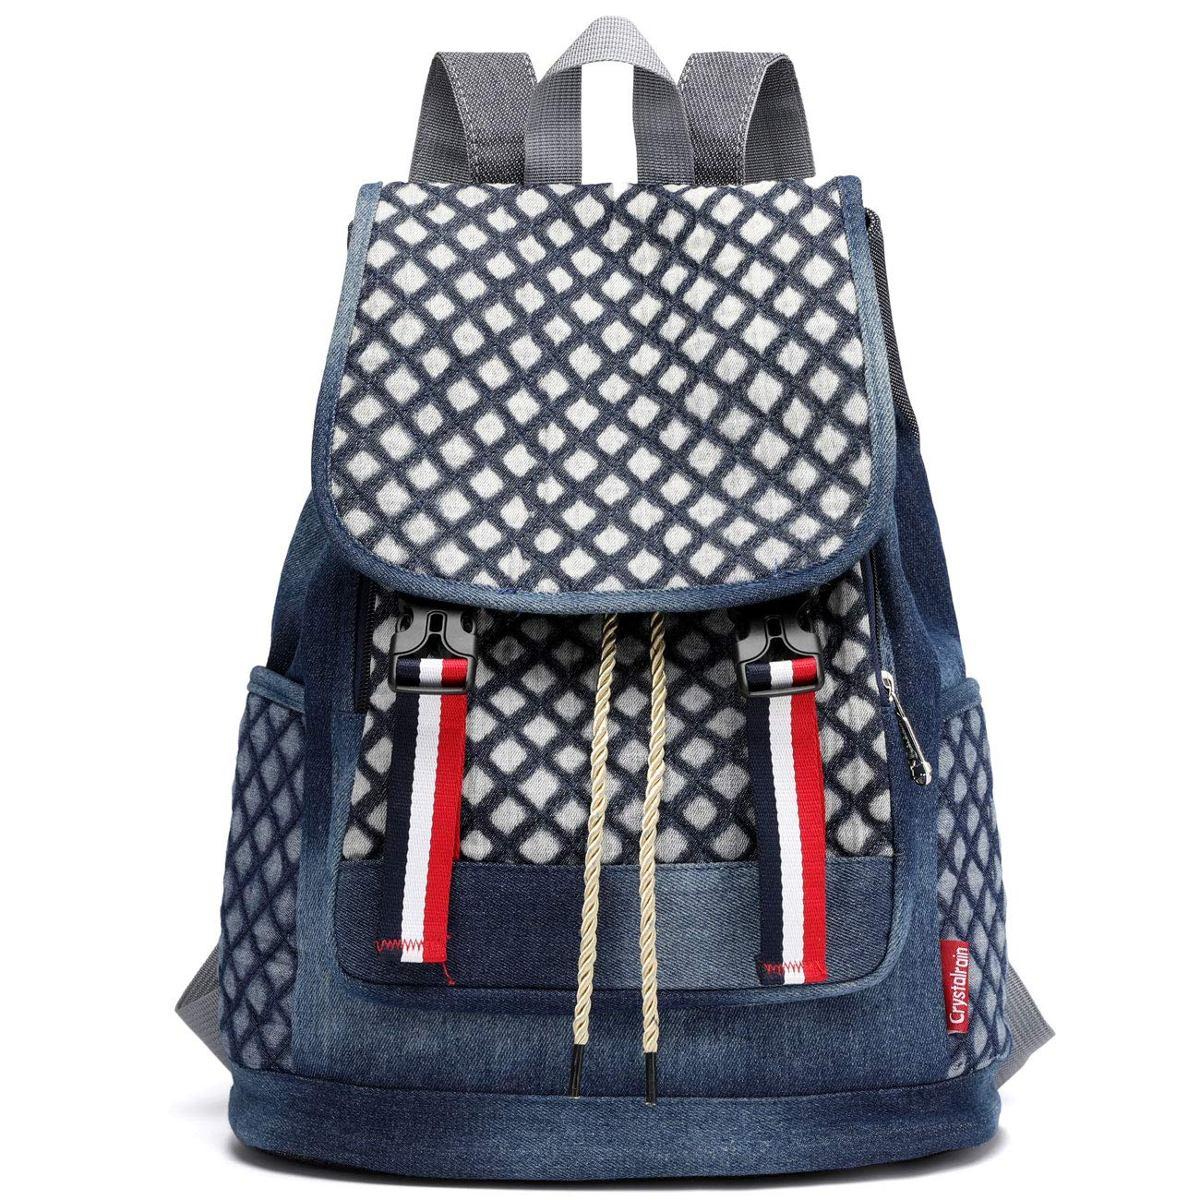 362226dd36f mochila escolar de mezclilla para niñas adolescentes niño... Cargando zoom.